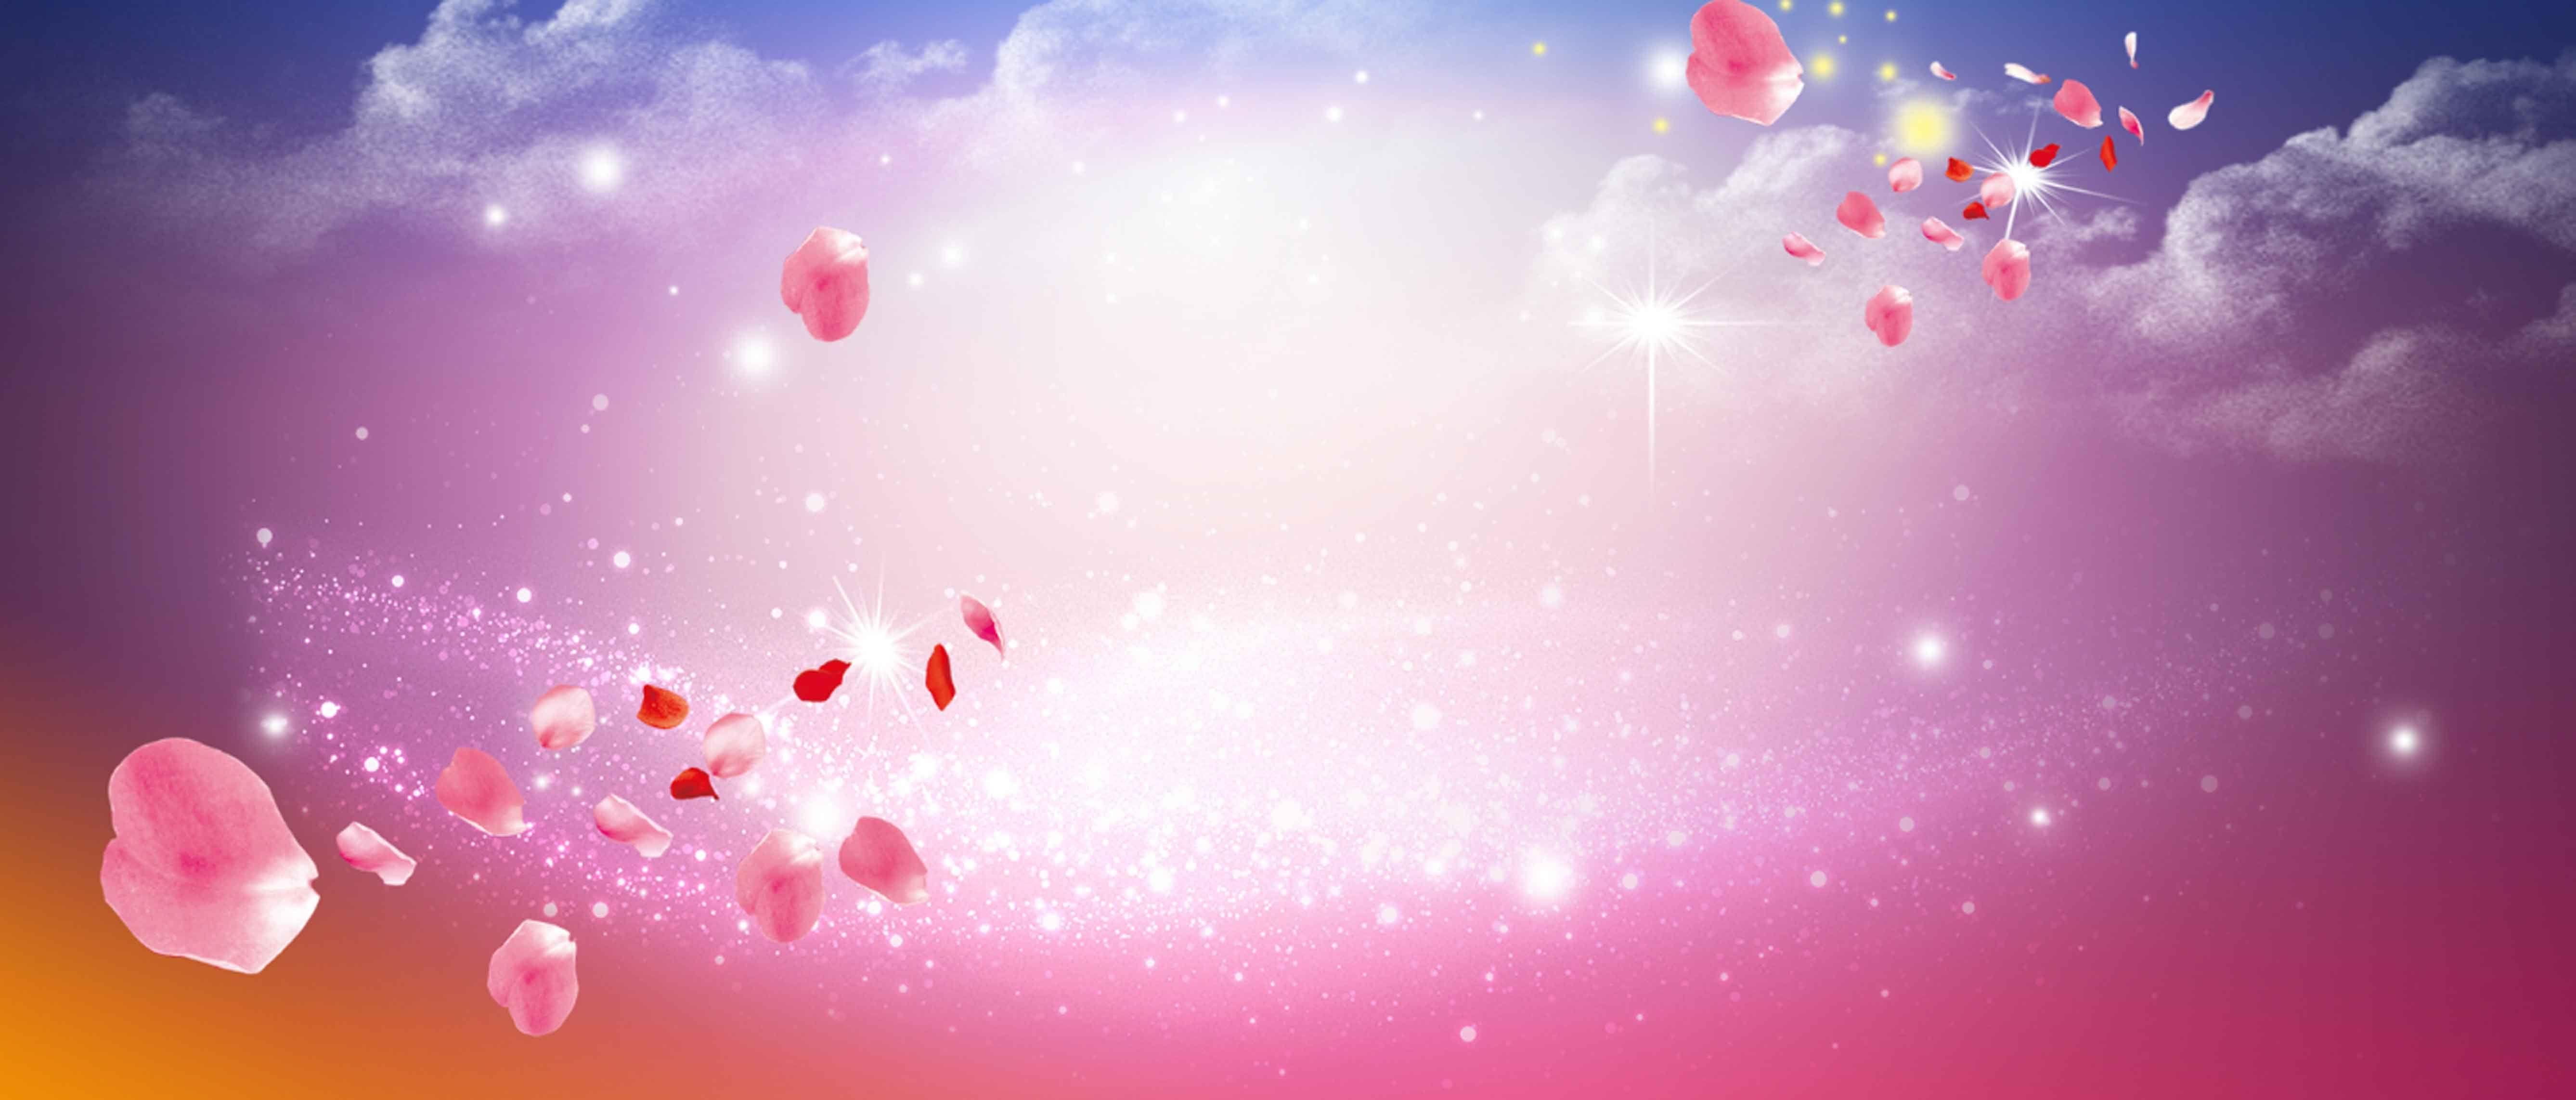 رقائق ثلج الشتاء خلفية ندفة الثلج Holiday Background Rose Background Snowflake Background